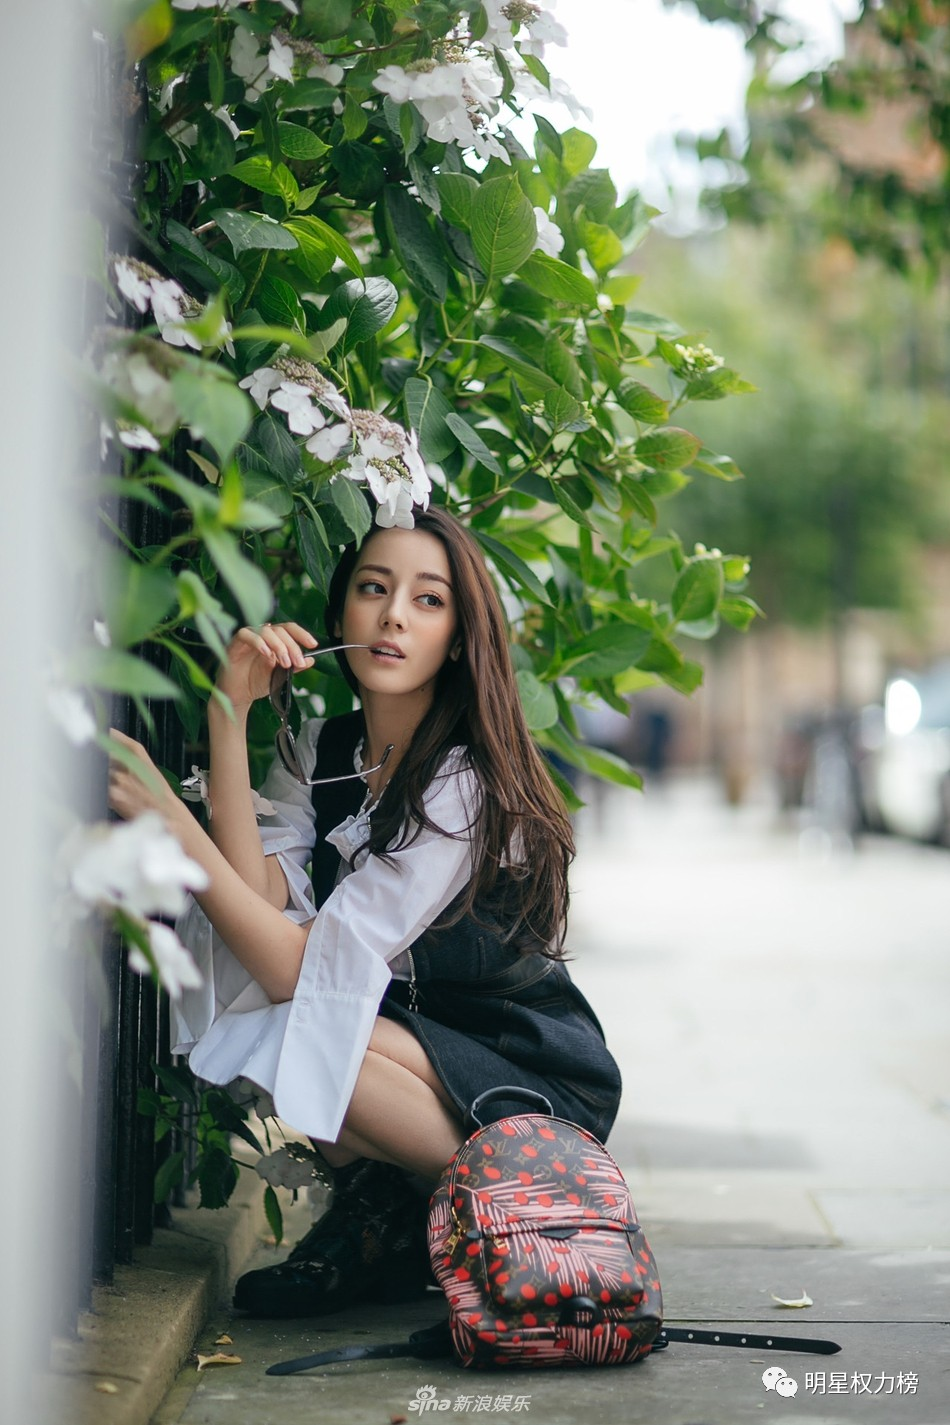 王俊凯启程米兰时装周 迪丽热巴最新街拍清新可人 黄景瑜异域大片别图片